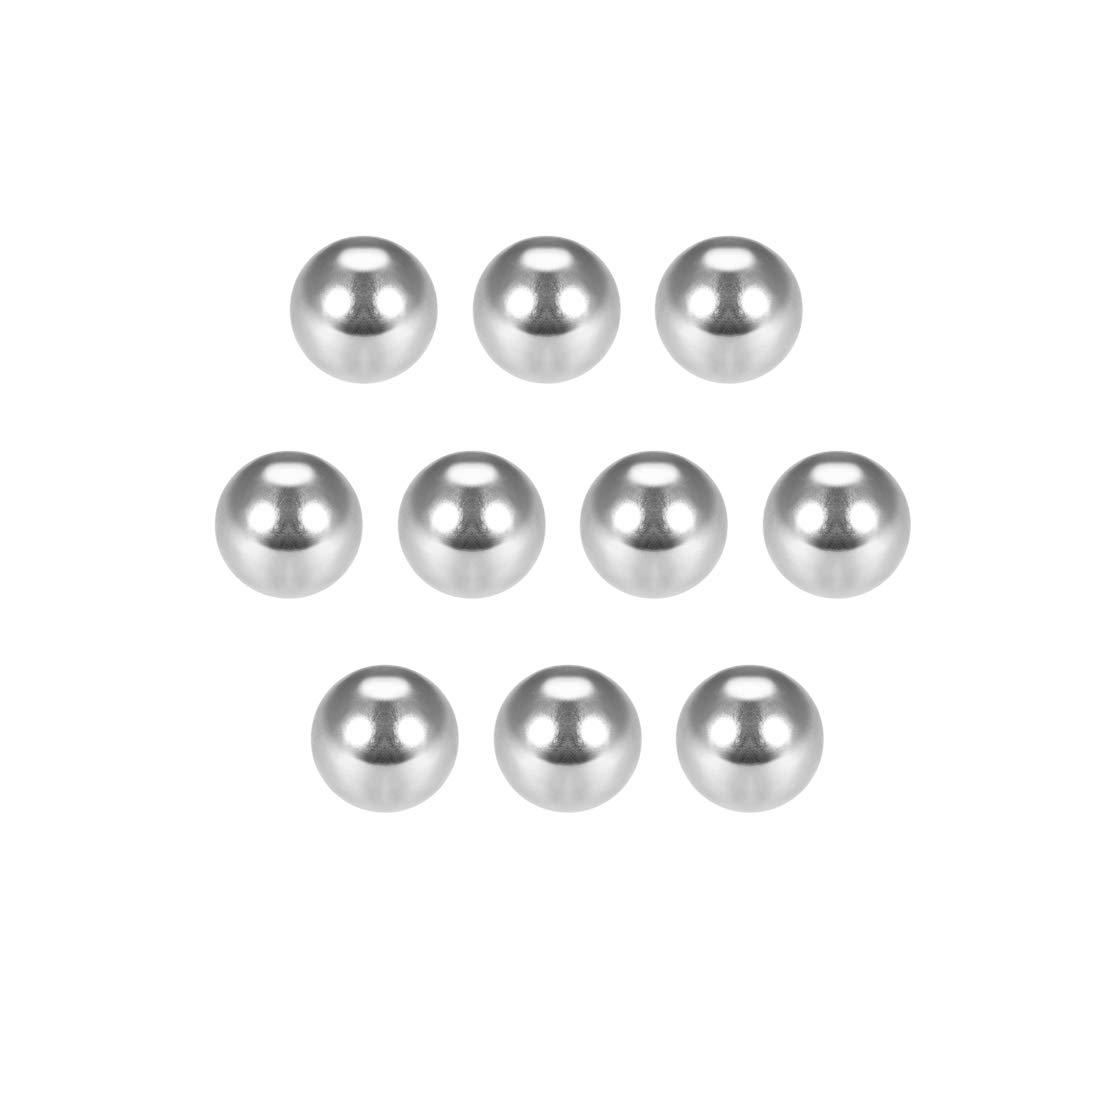 Bolas de rodamiento de acero cromado de precisi/ón 1mm varios mm 100pcs Sourcingmap G25